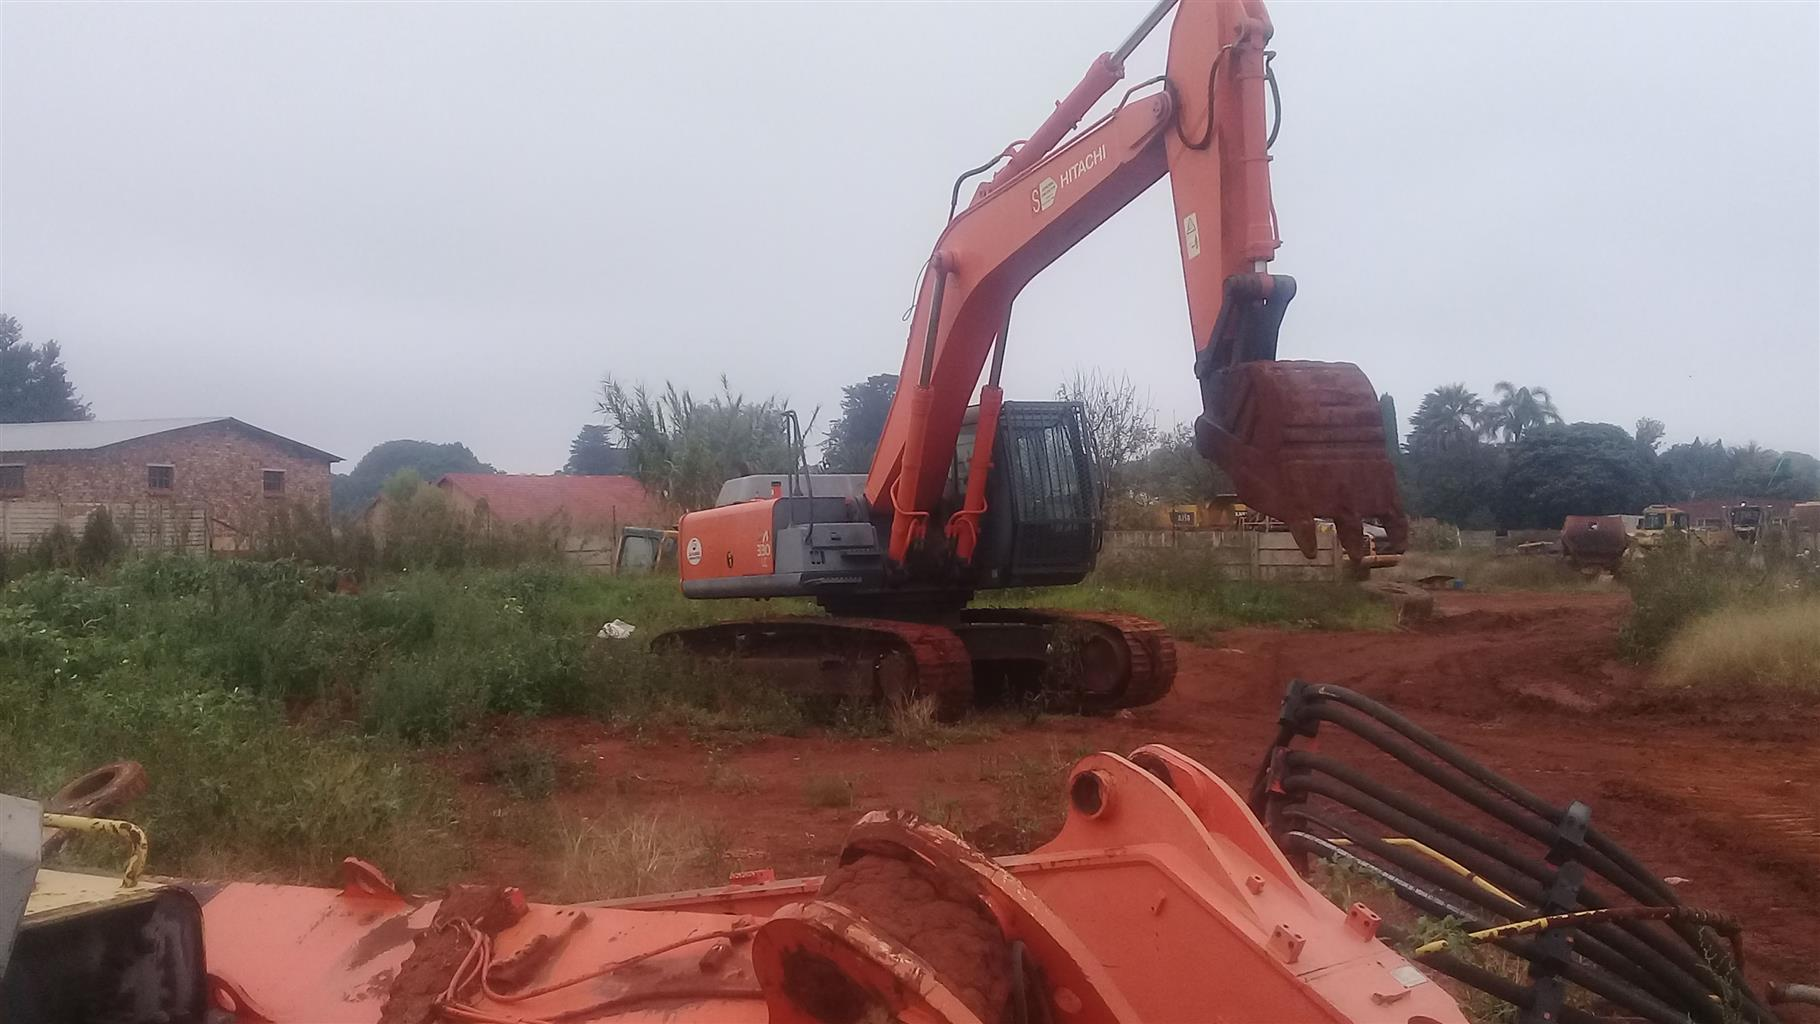 Excavator spares